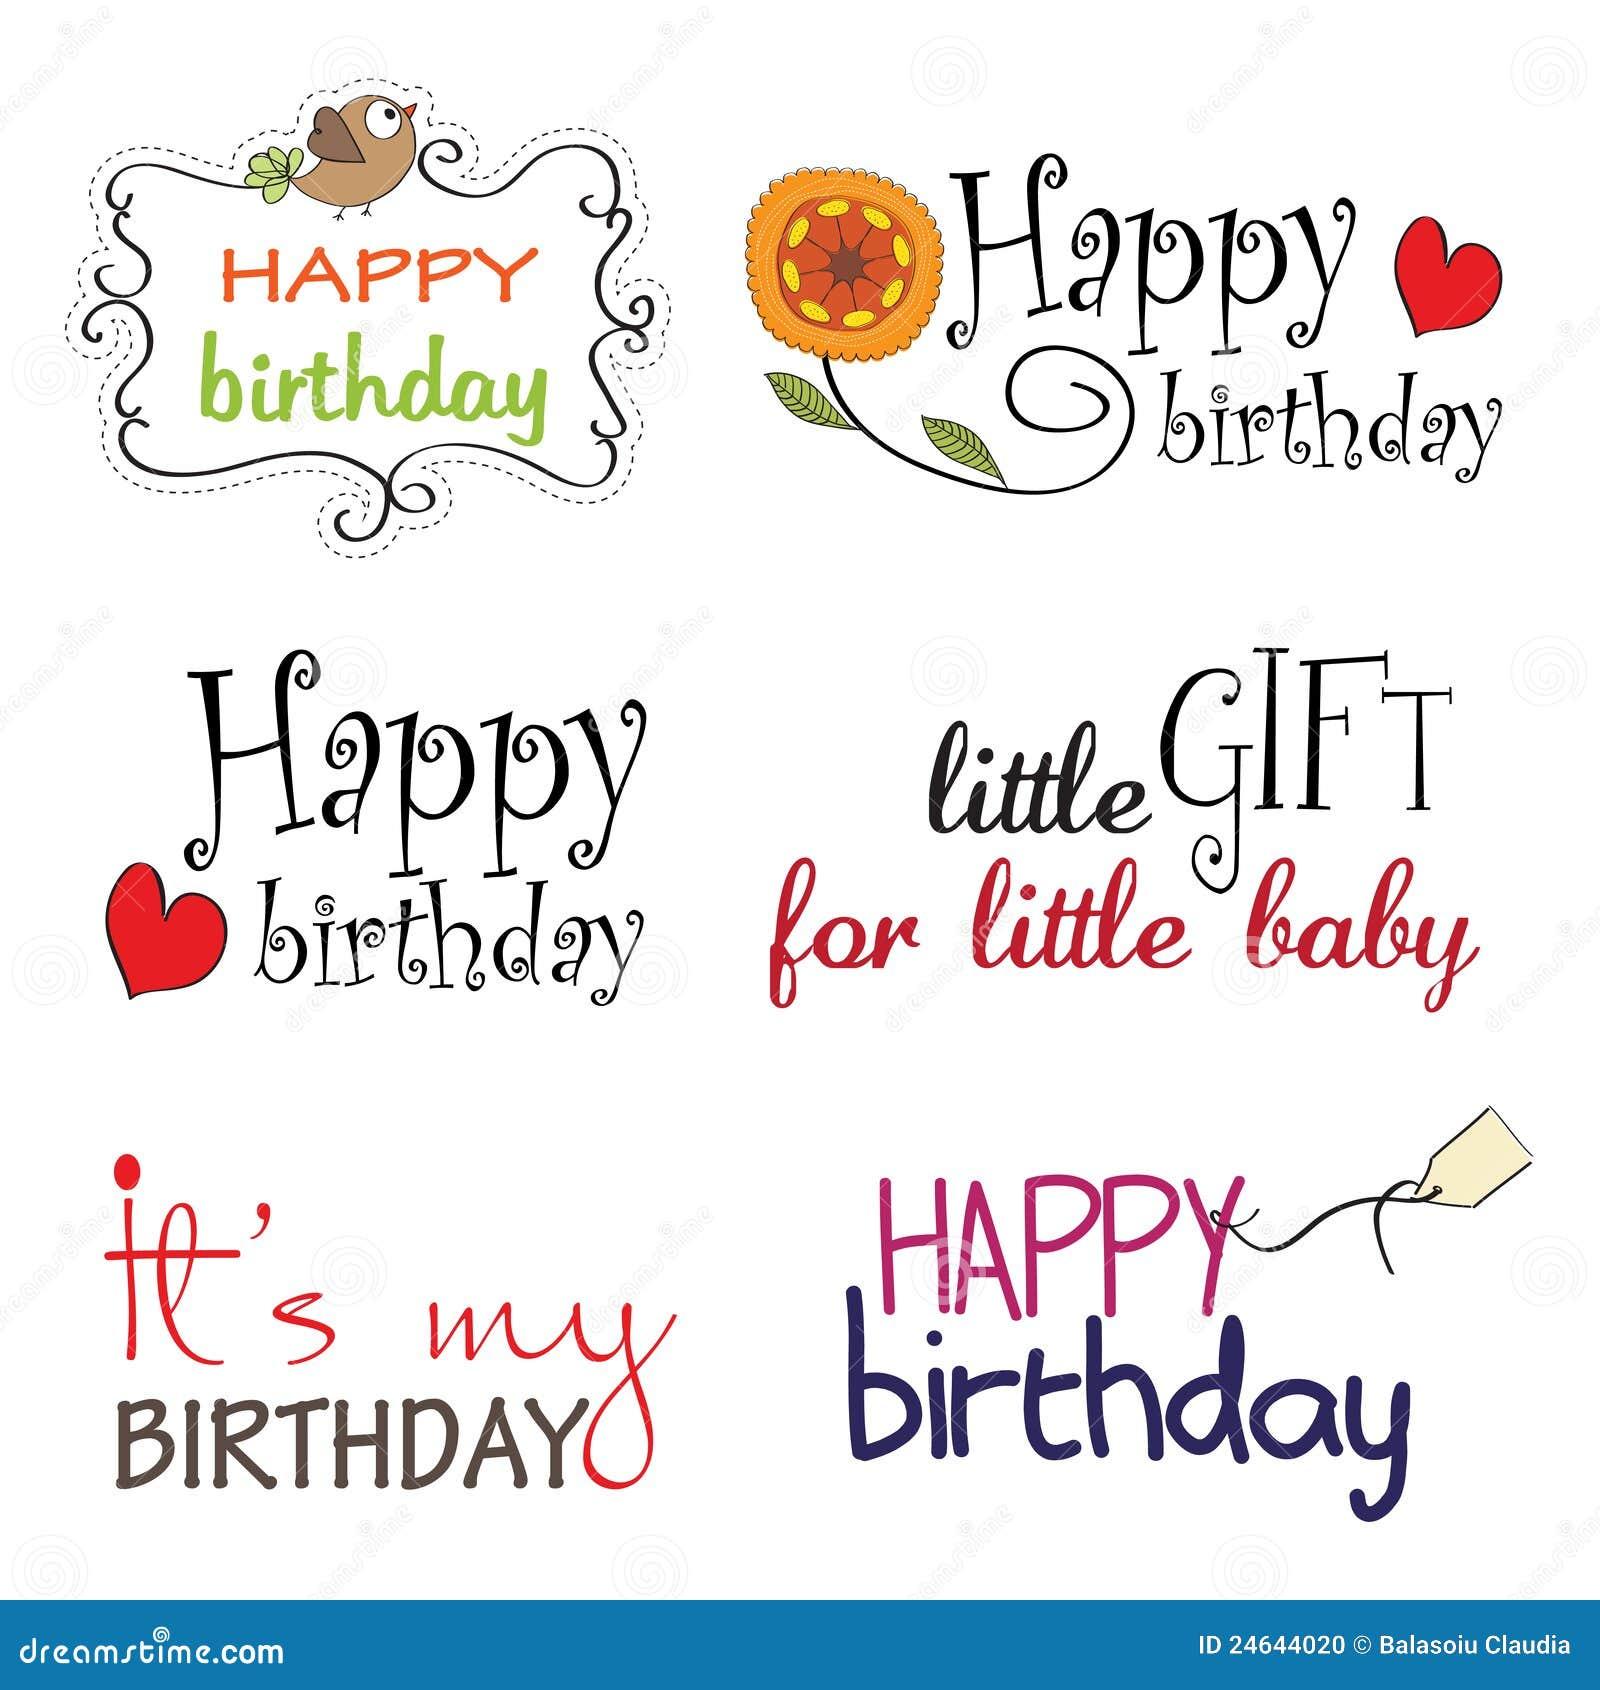 Как написать на английском поздравление с днём рождения